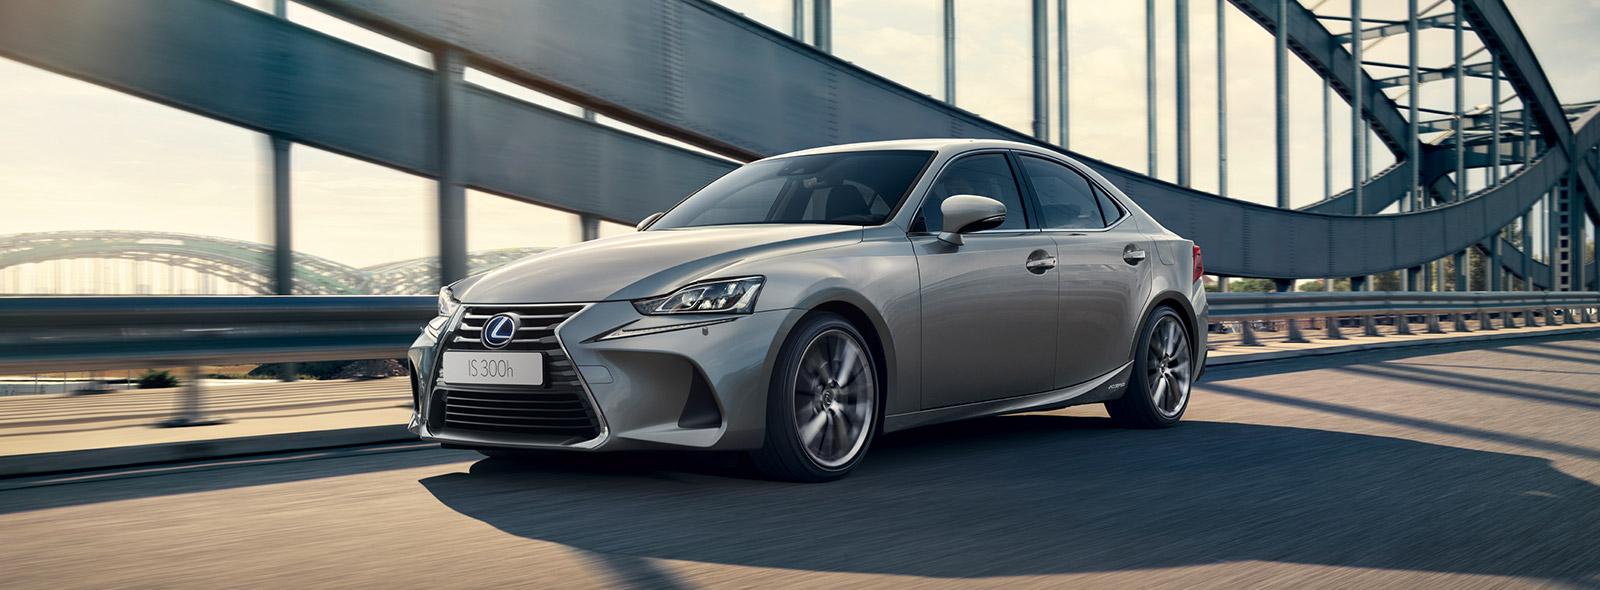 harmaa Lexus IS 300h Hybrid